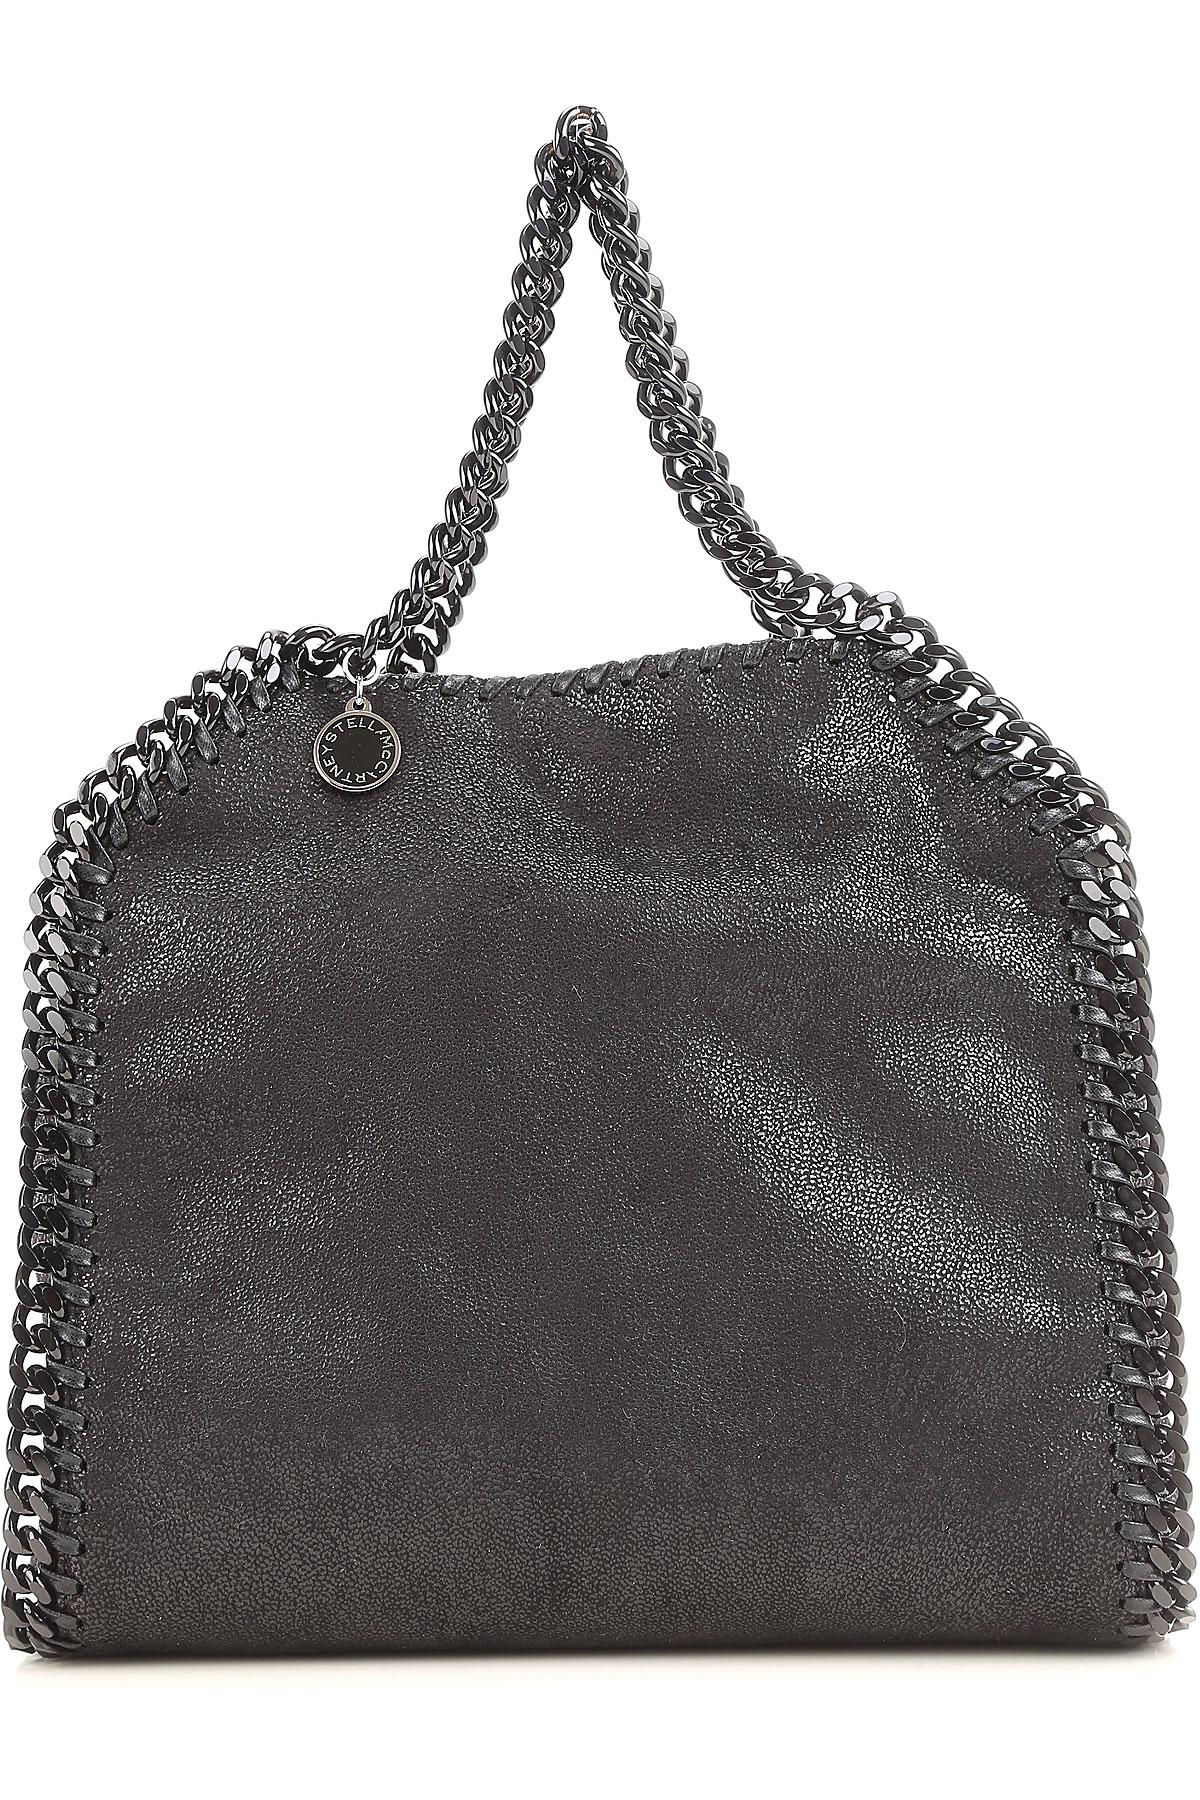 Stella McCartney Bolso Tote Bag, Mini , Negro, Poliester, 2017